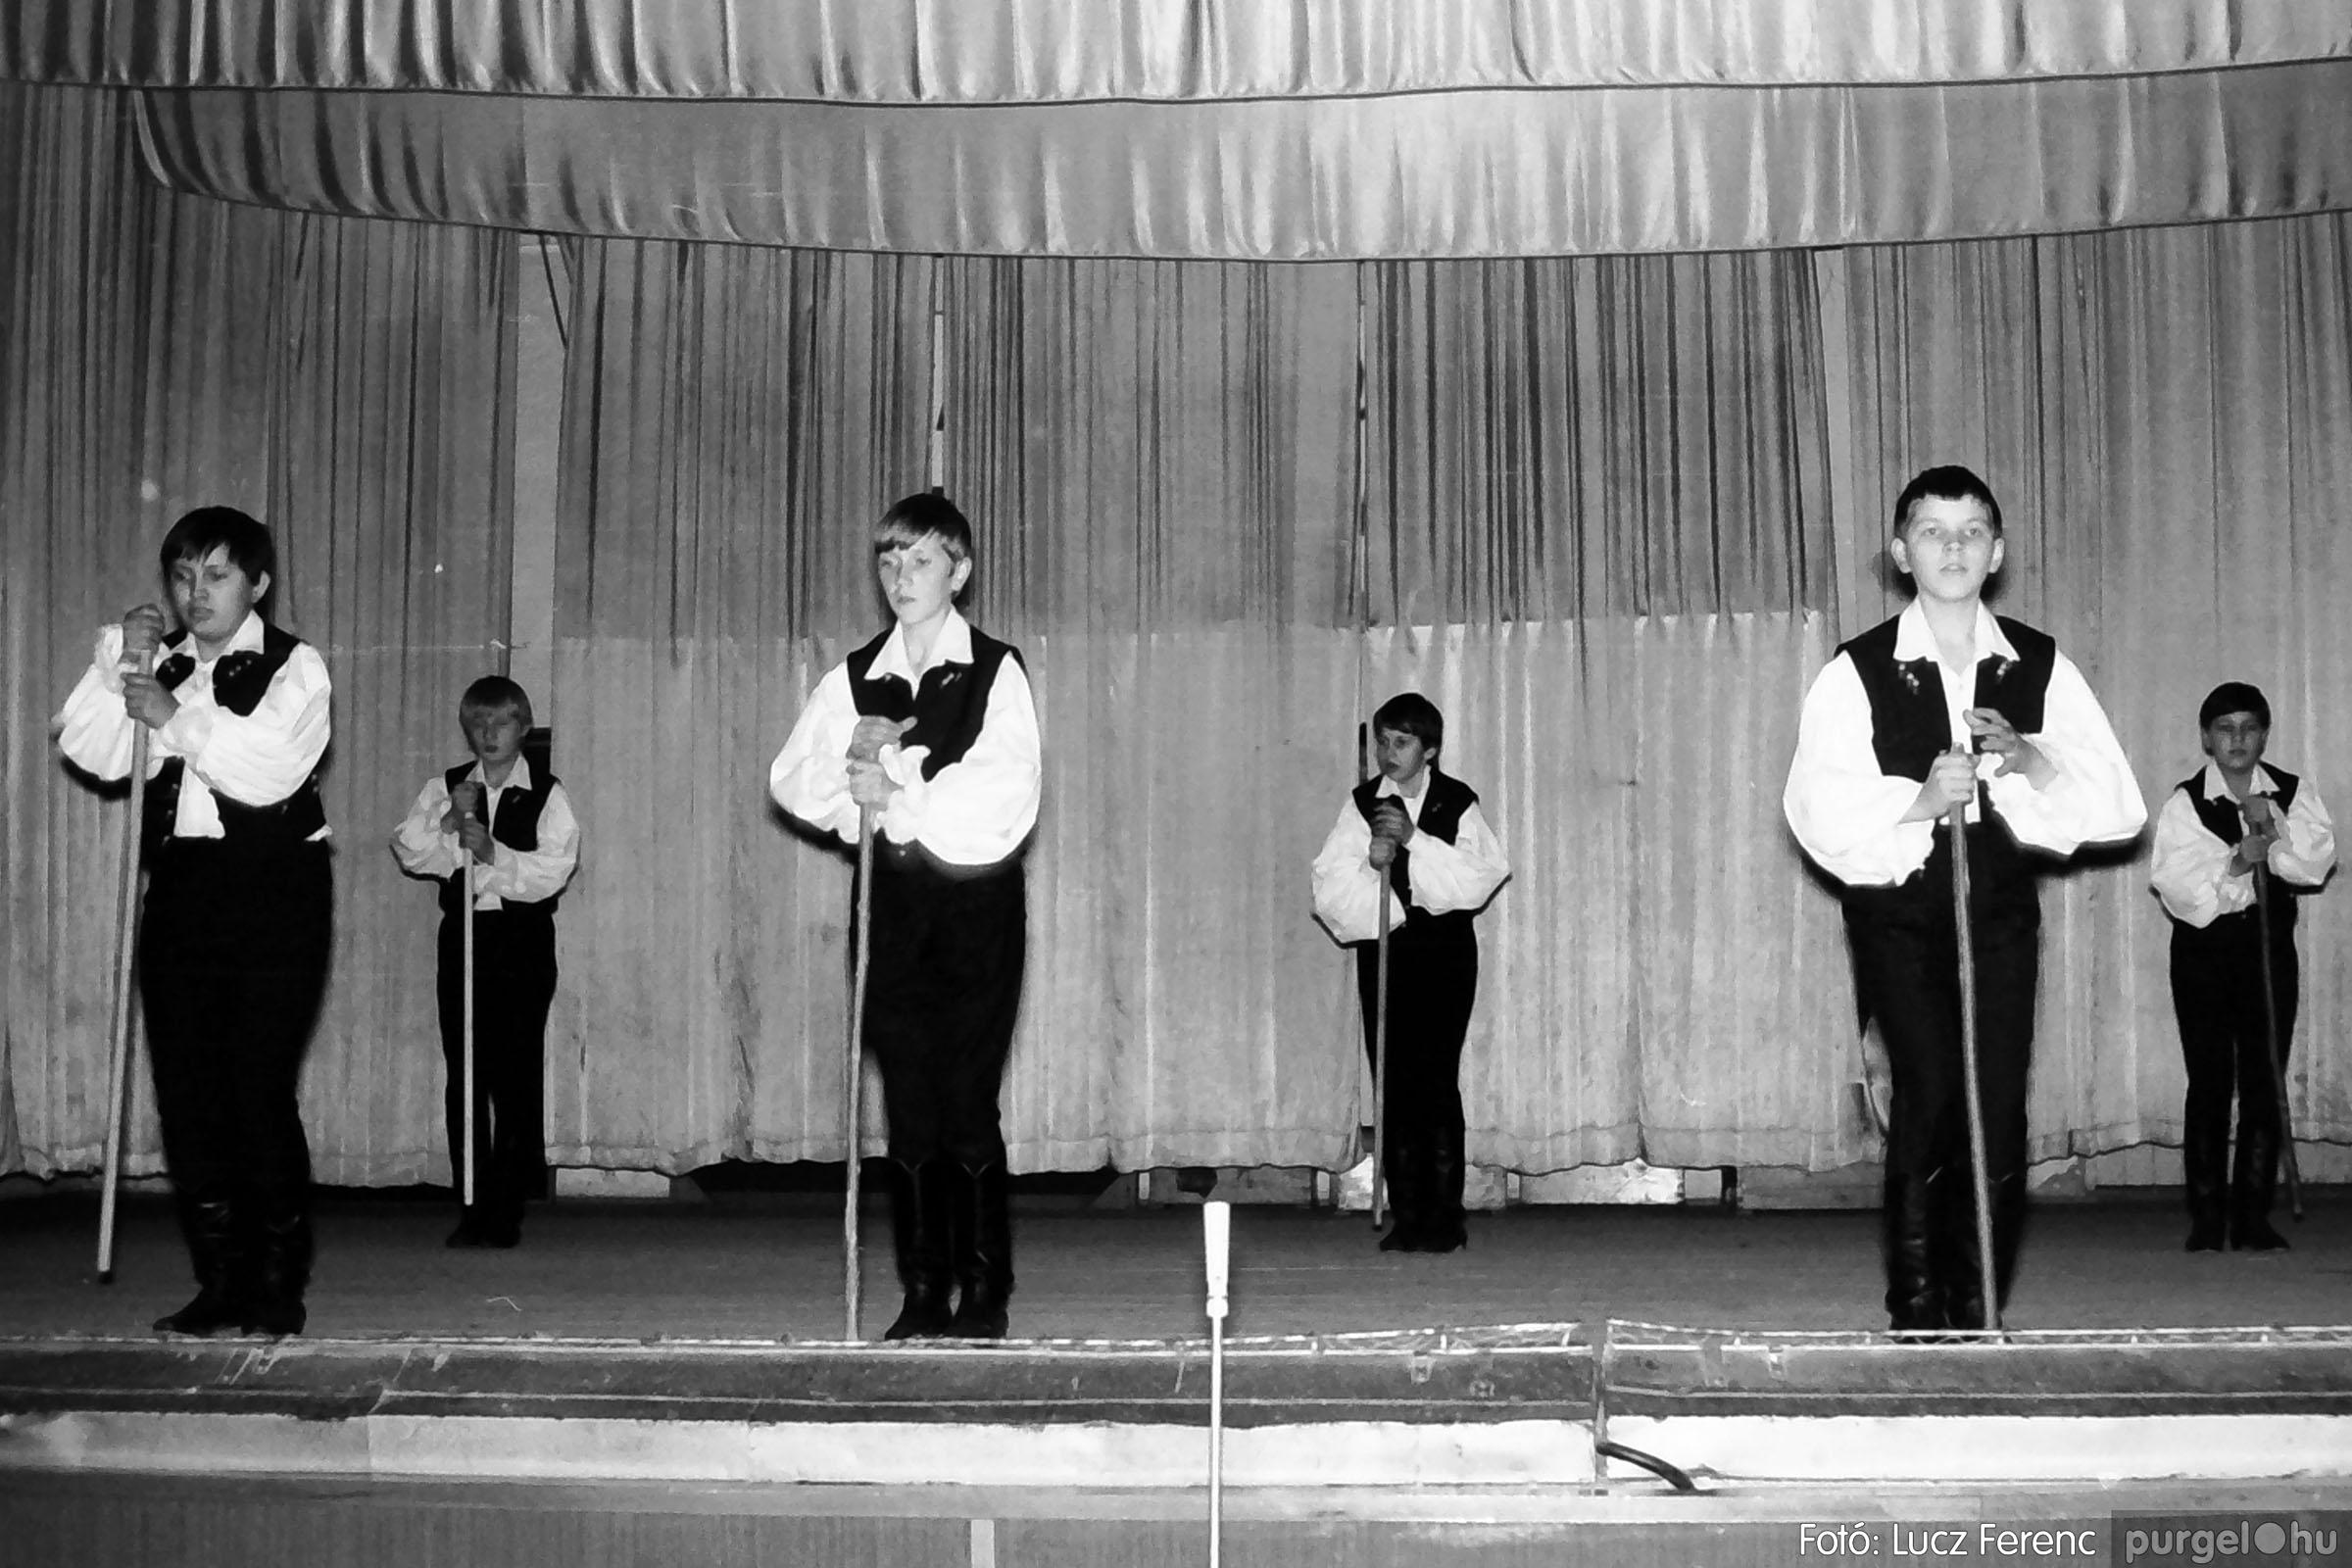 033. 1976. Diákrendezvény a kultúrházban 009 - Fotó: Lucz Ferenc.jpg